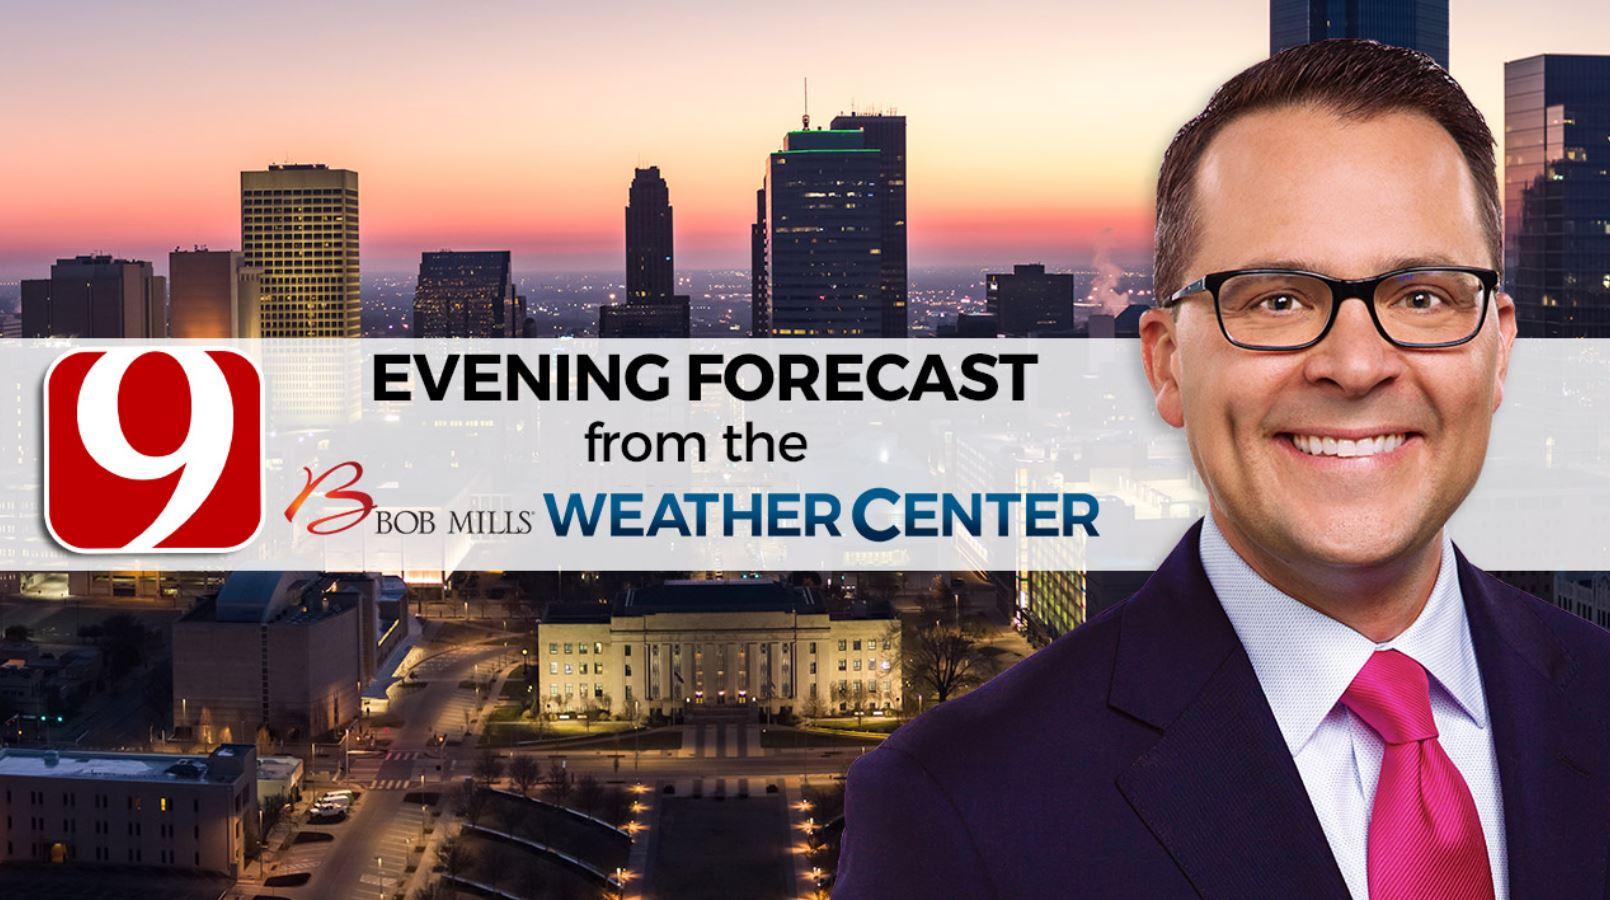 Saturday Evening Forecast